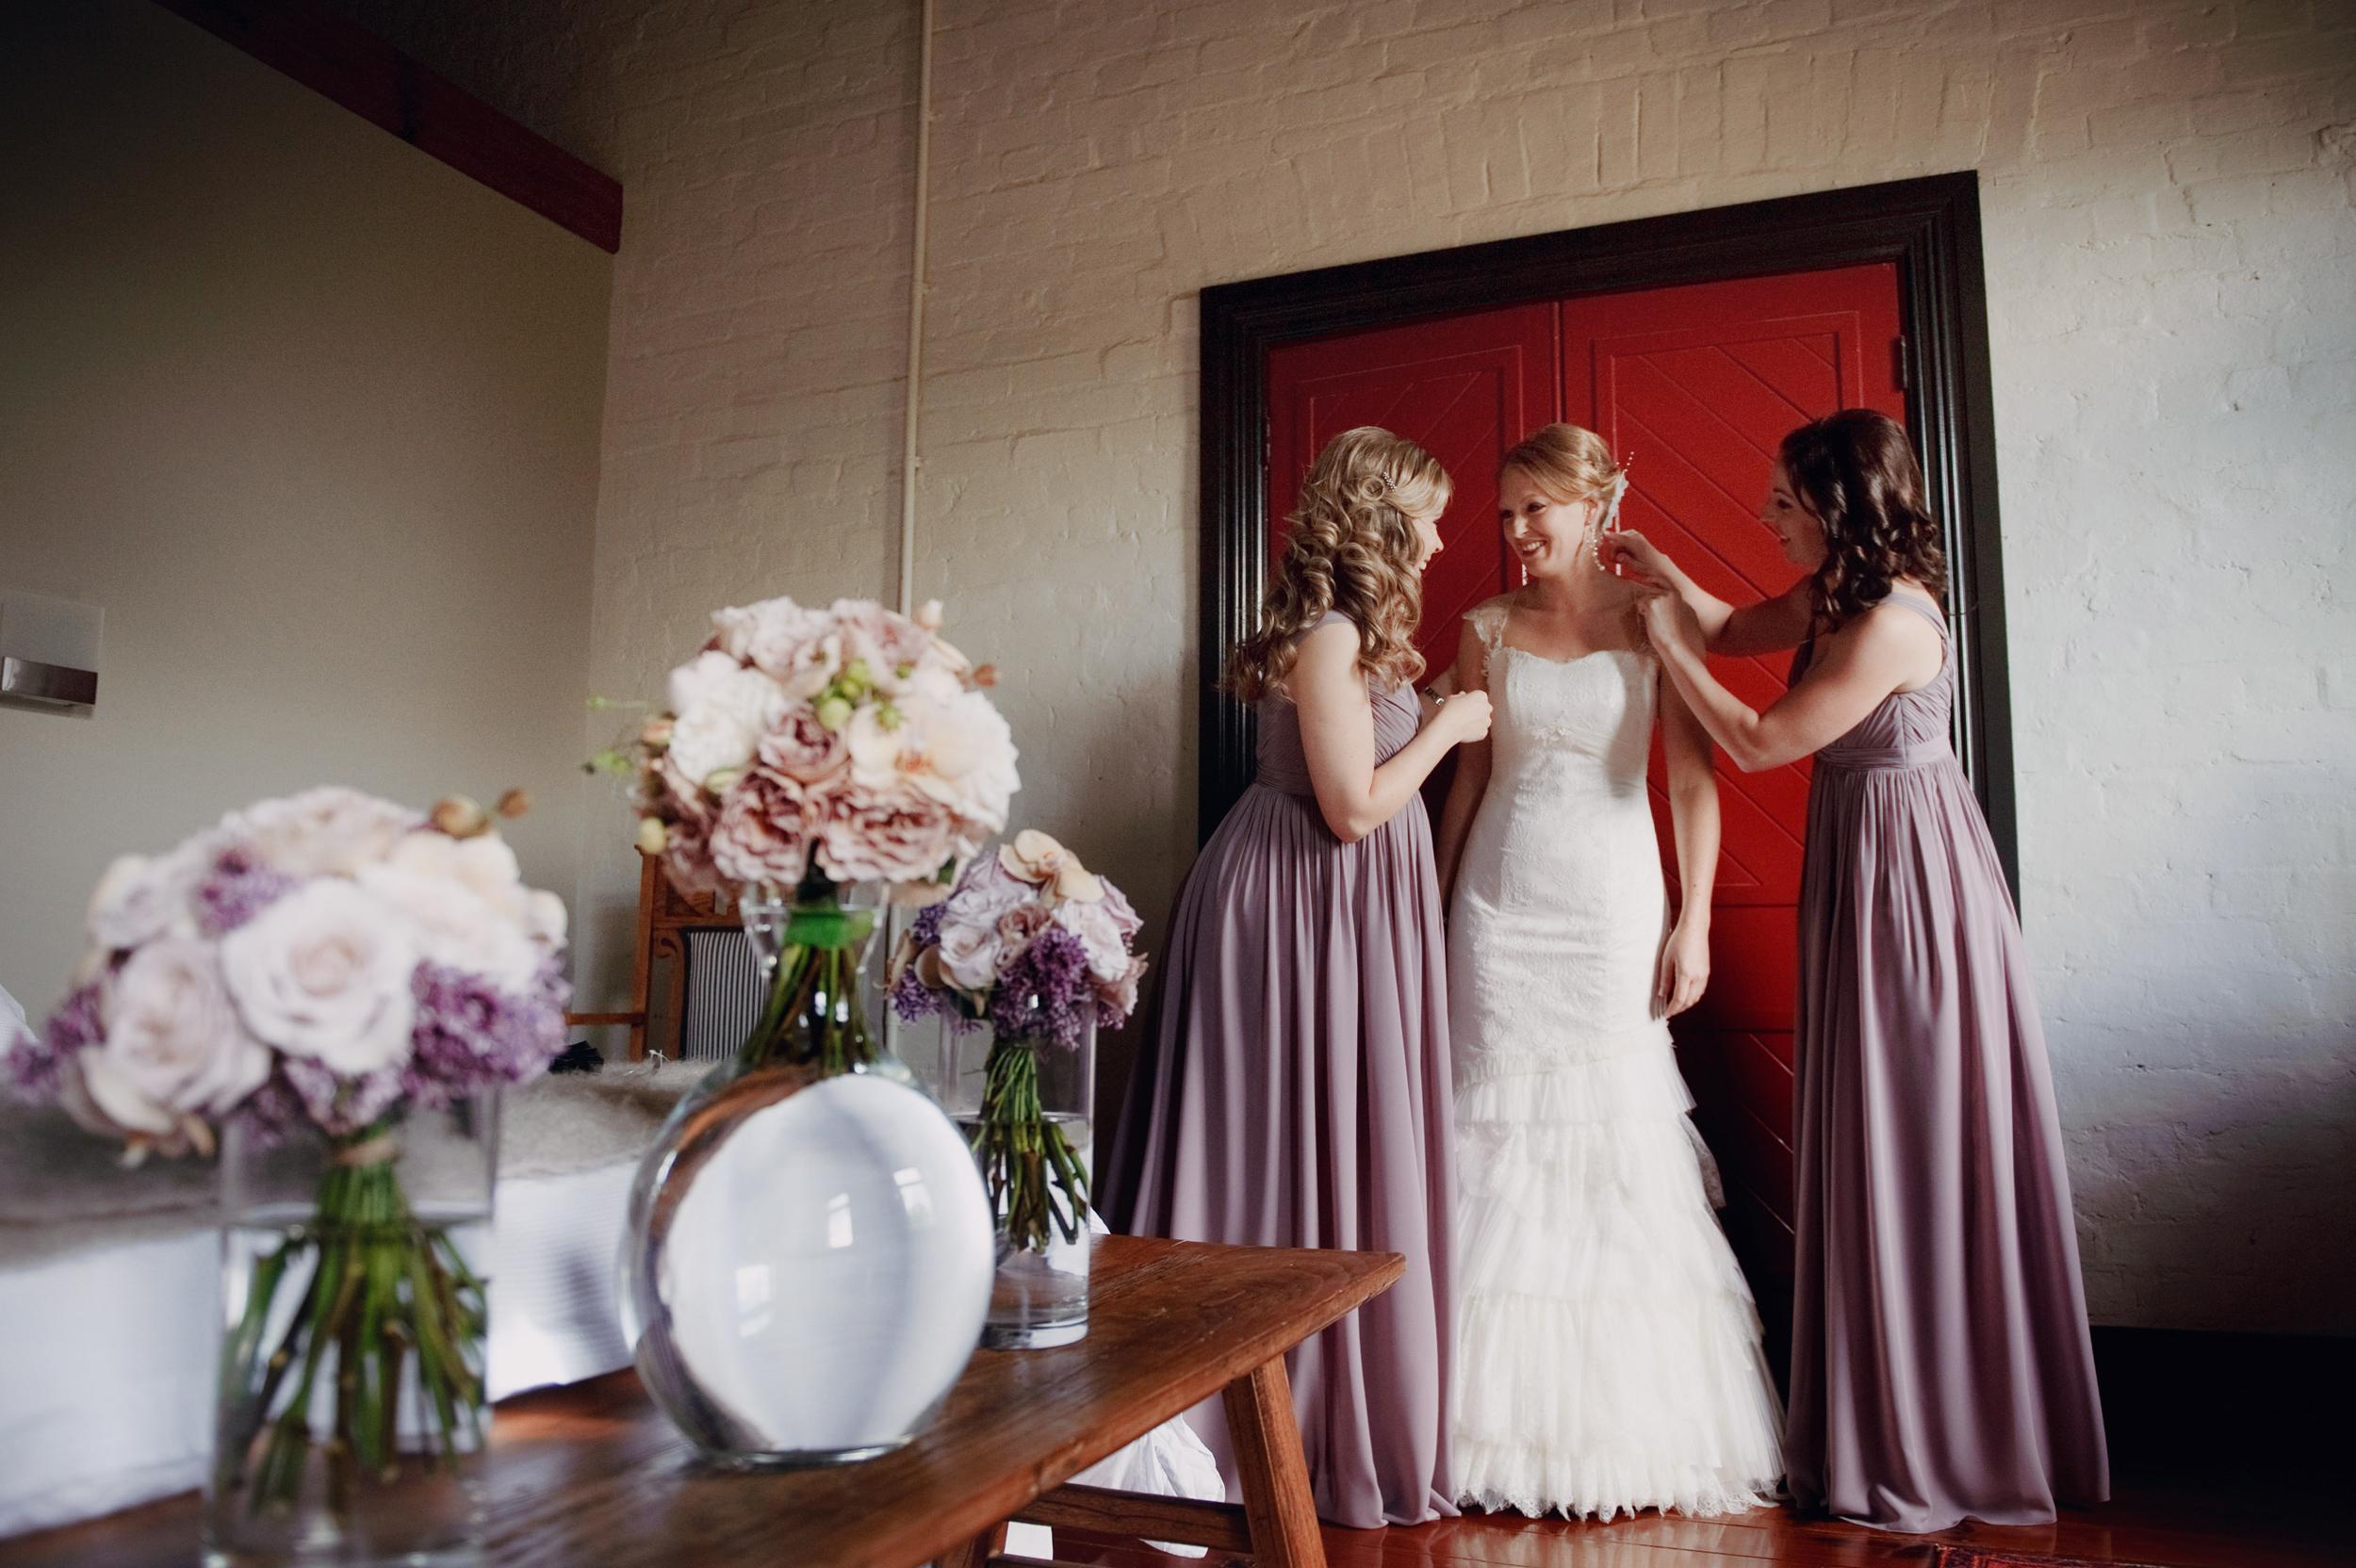 euroa_butter_factory_wedding_photography_51.jpg